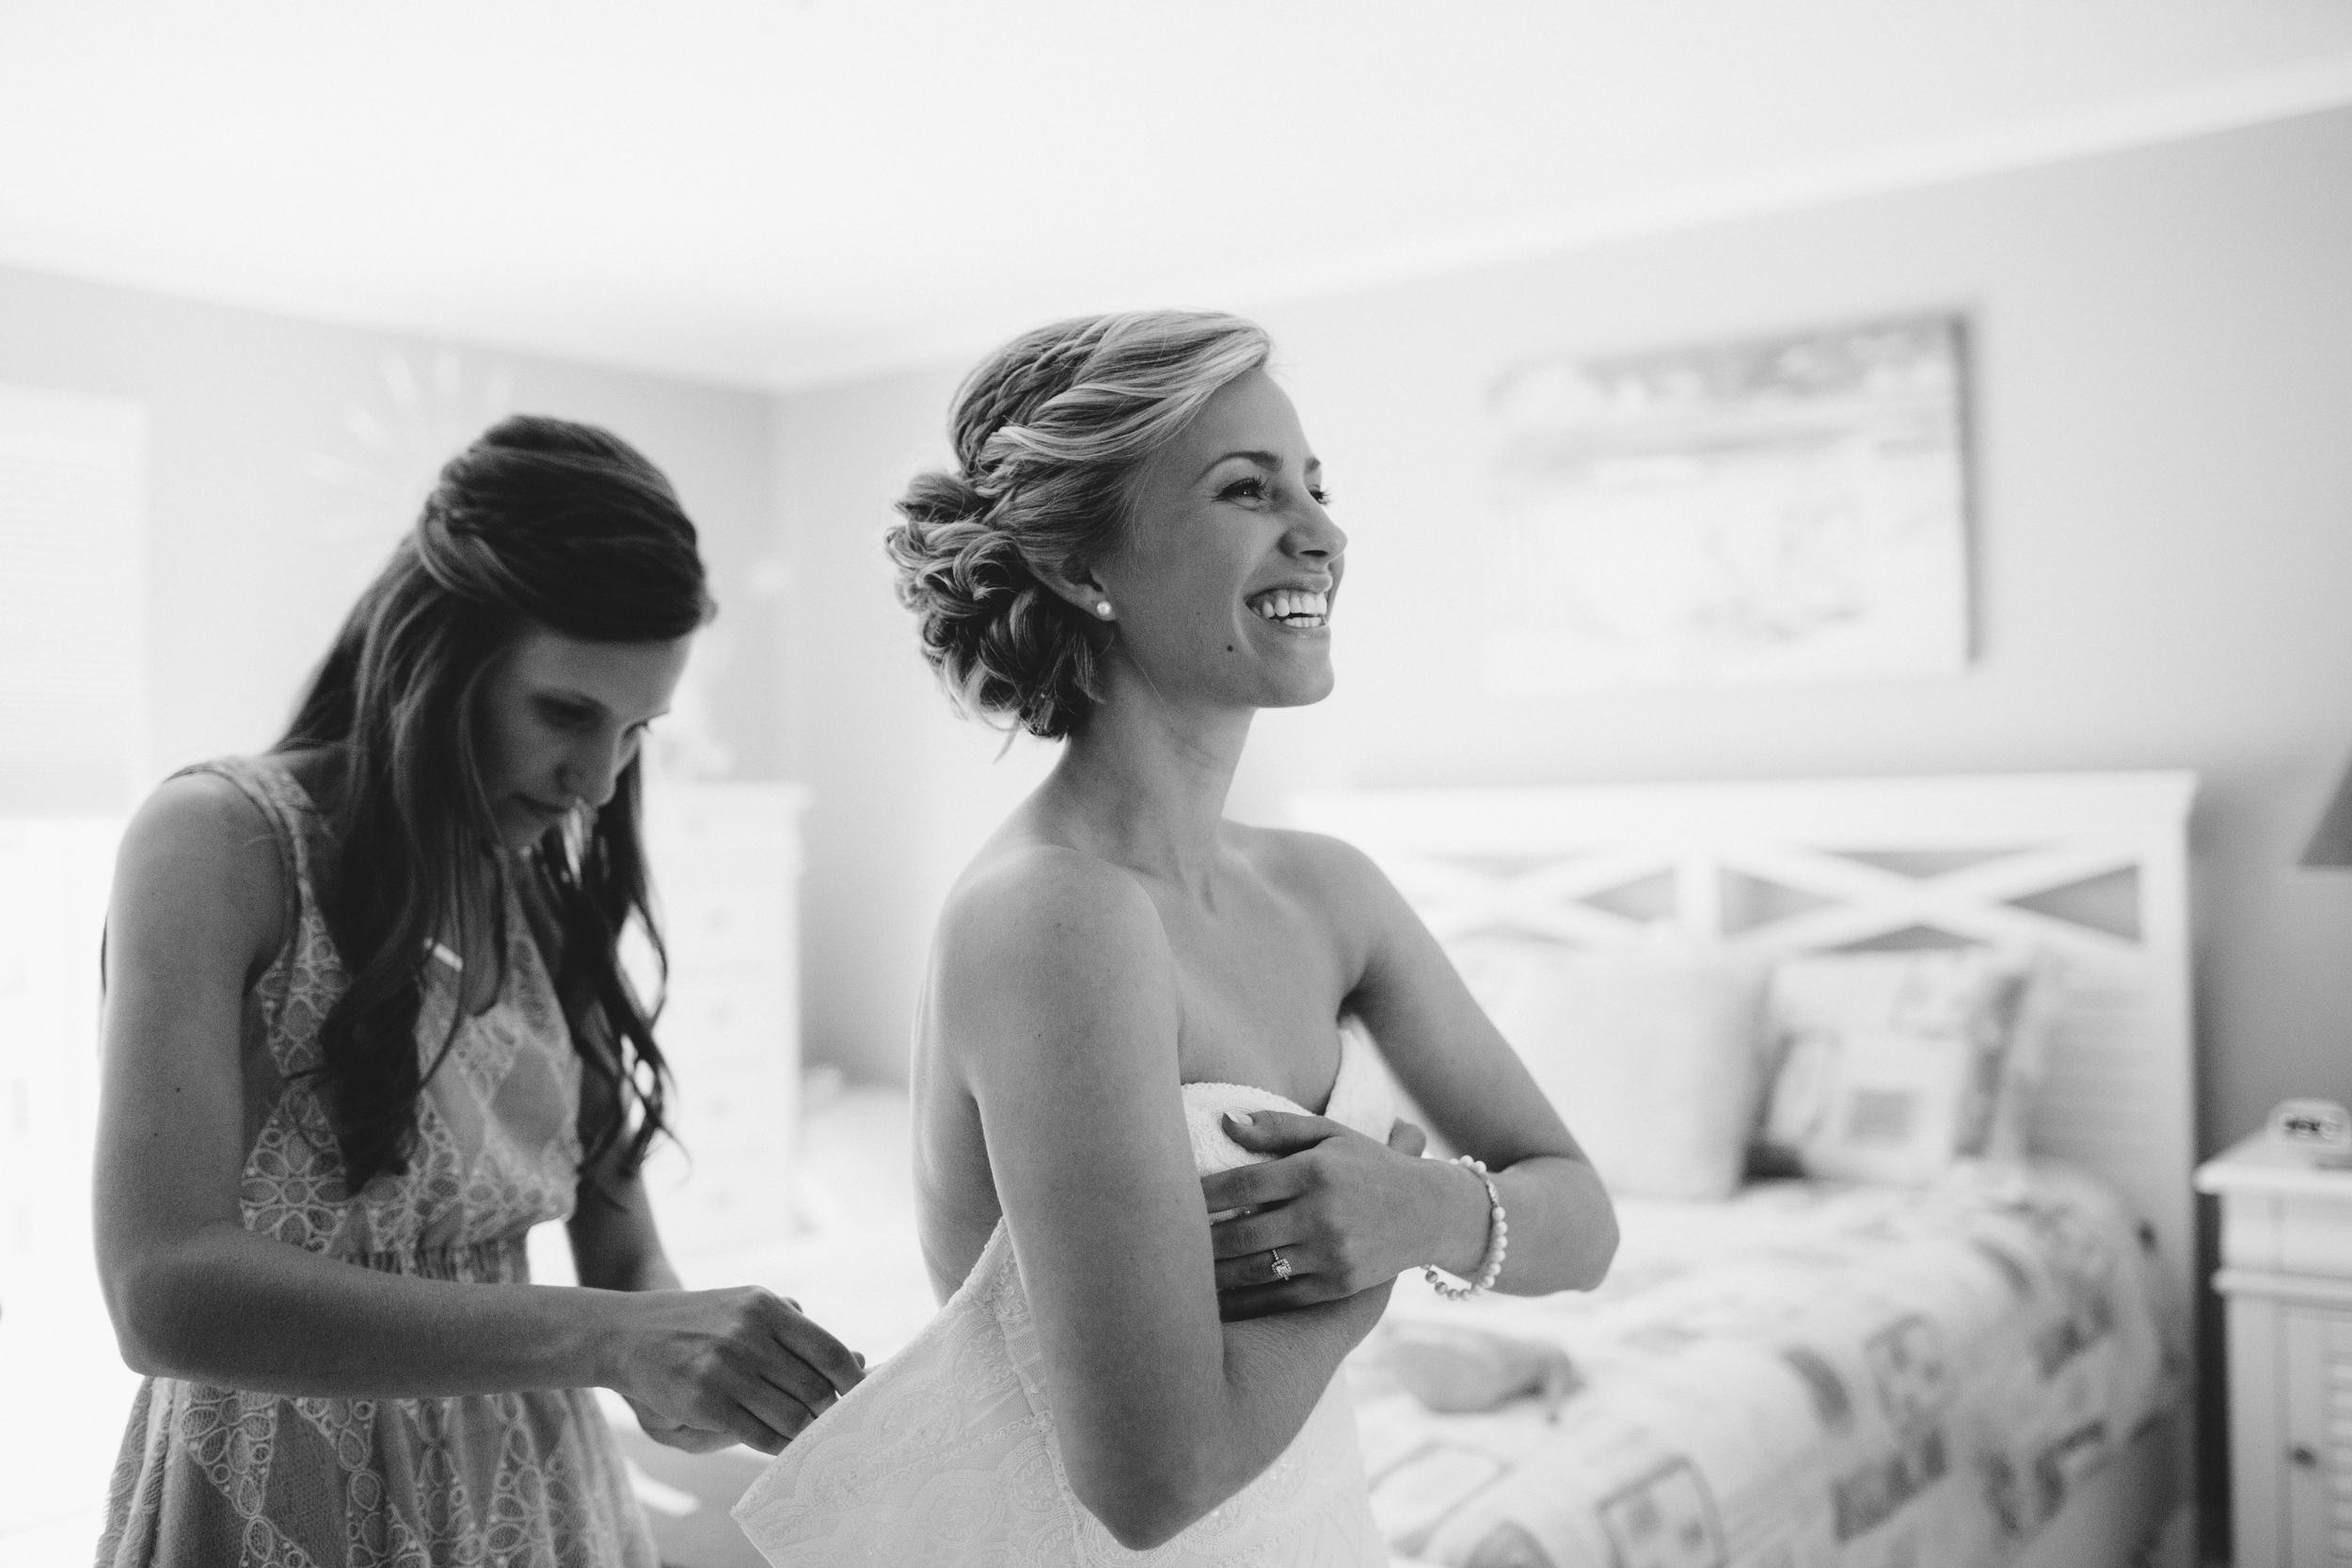 Christina-Hussey-Photography-SACCA-58.jpg